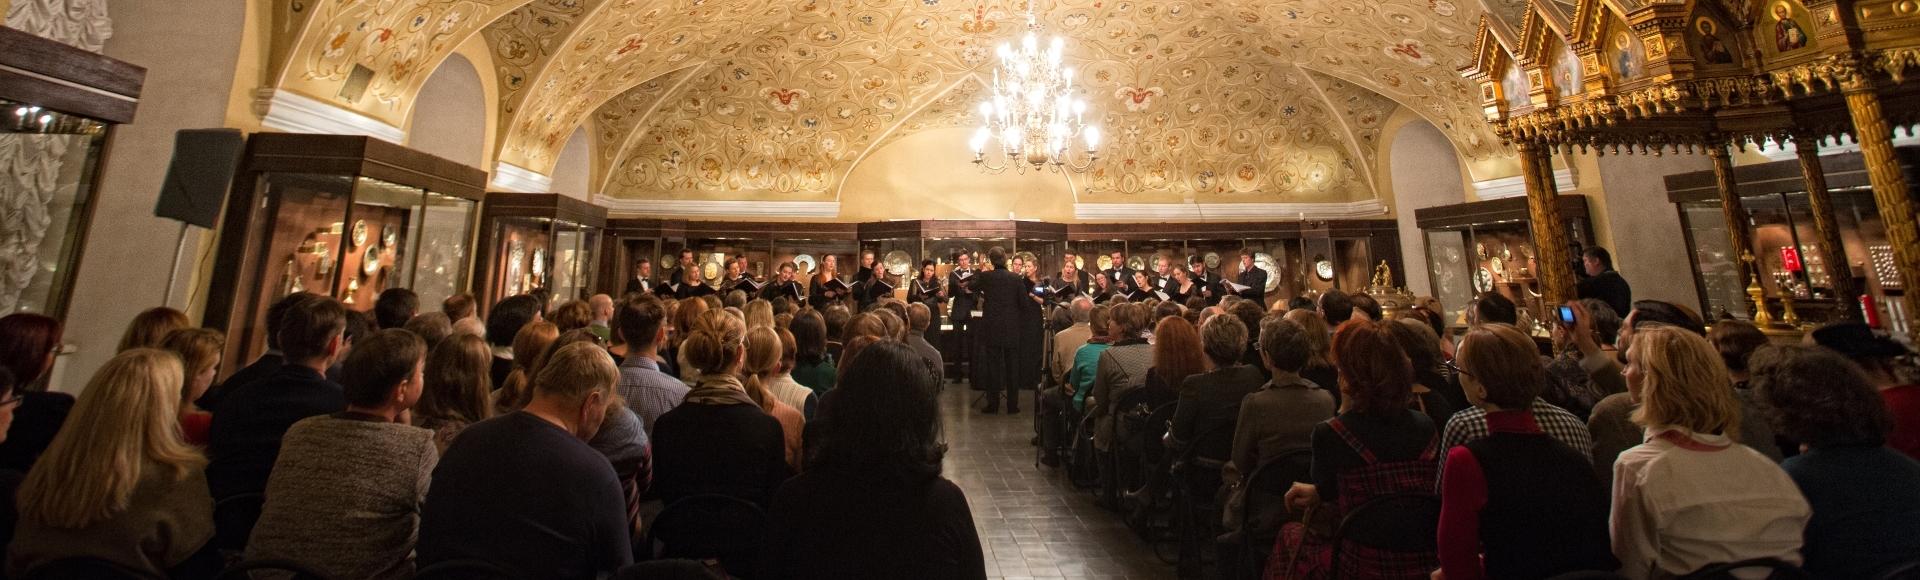 «В достойном наборе московских хоровых коллективов Intrada становится одним из лидеров, и неудивительно, что лучшие европейские дирижеры выбирают именно ее».Петр Поспелов, «Ведомости»